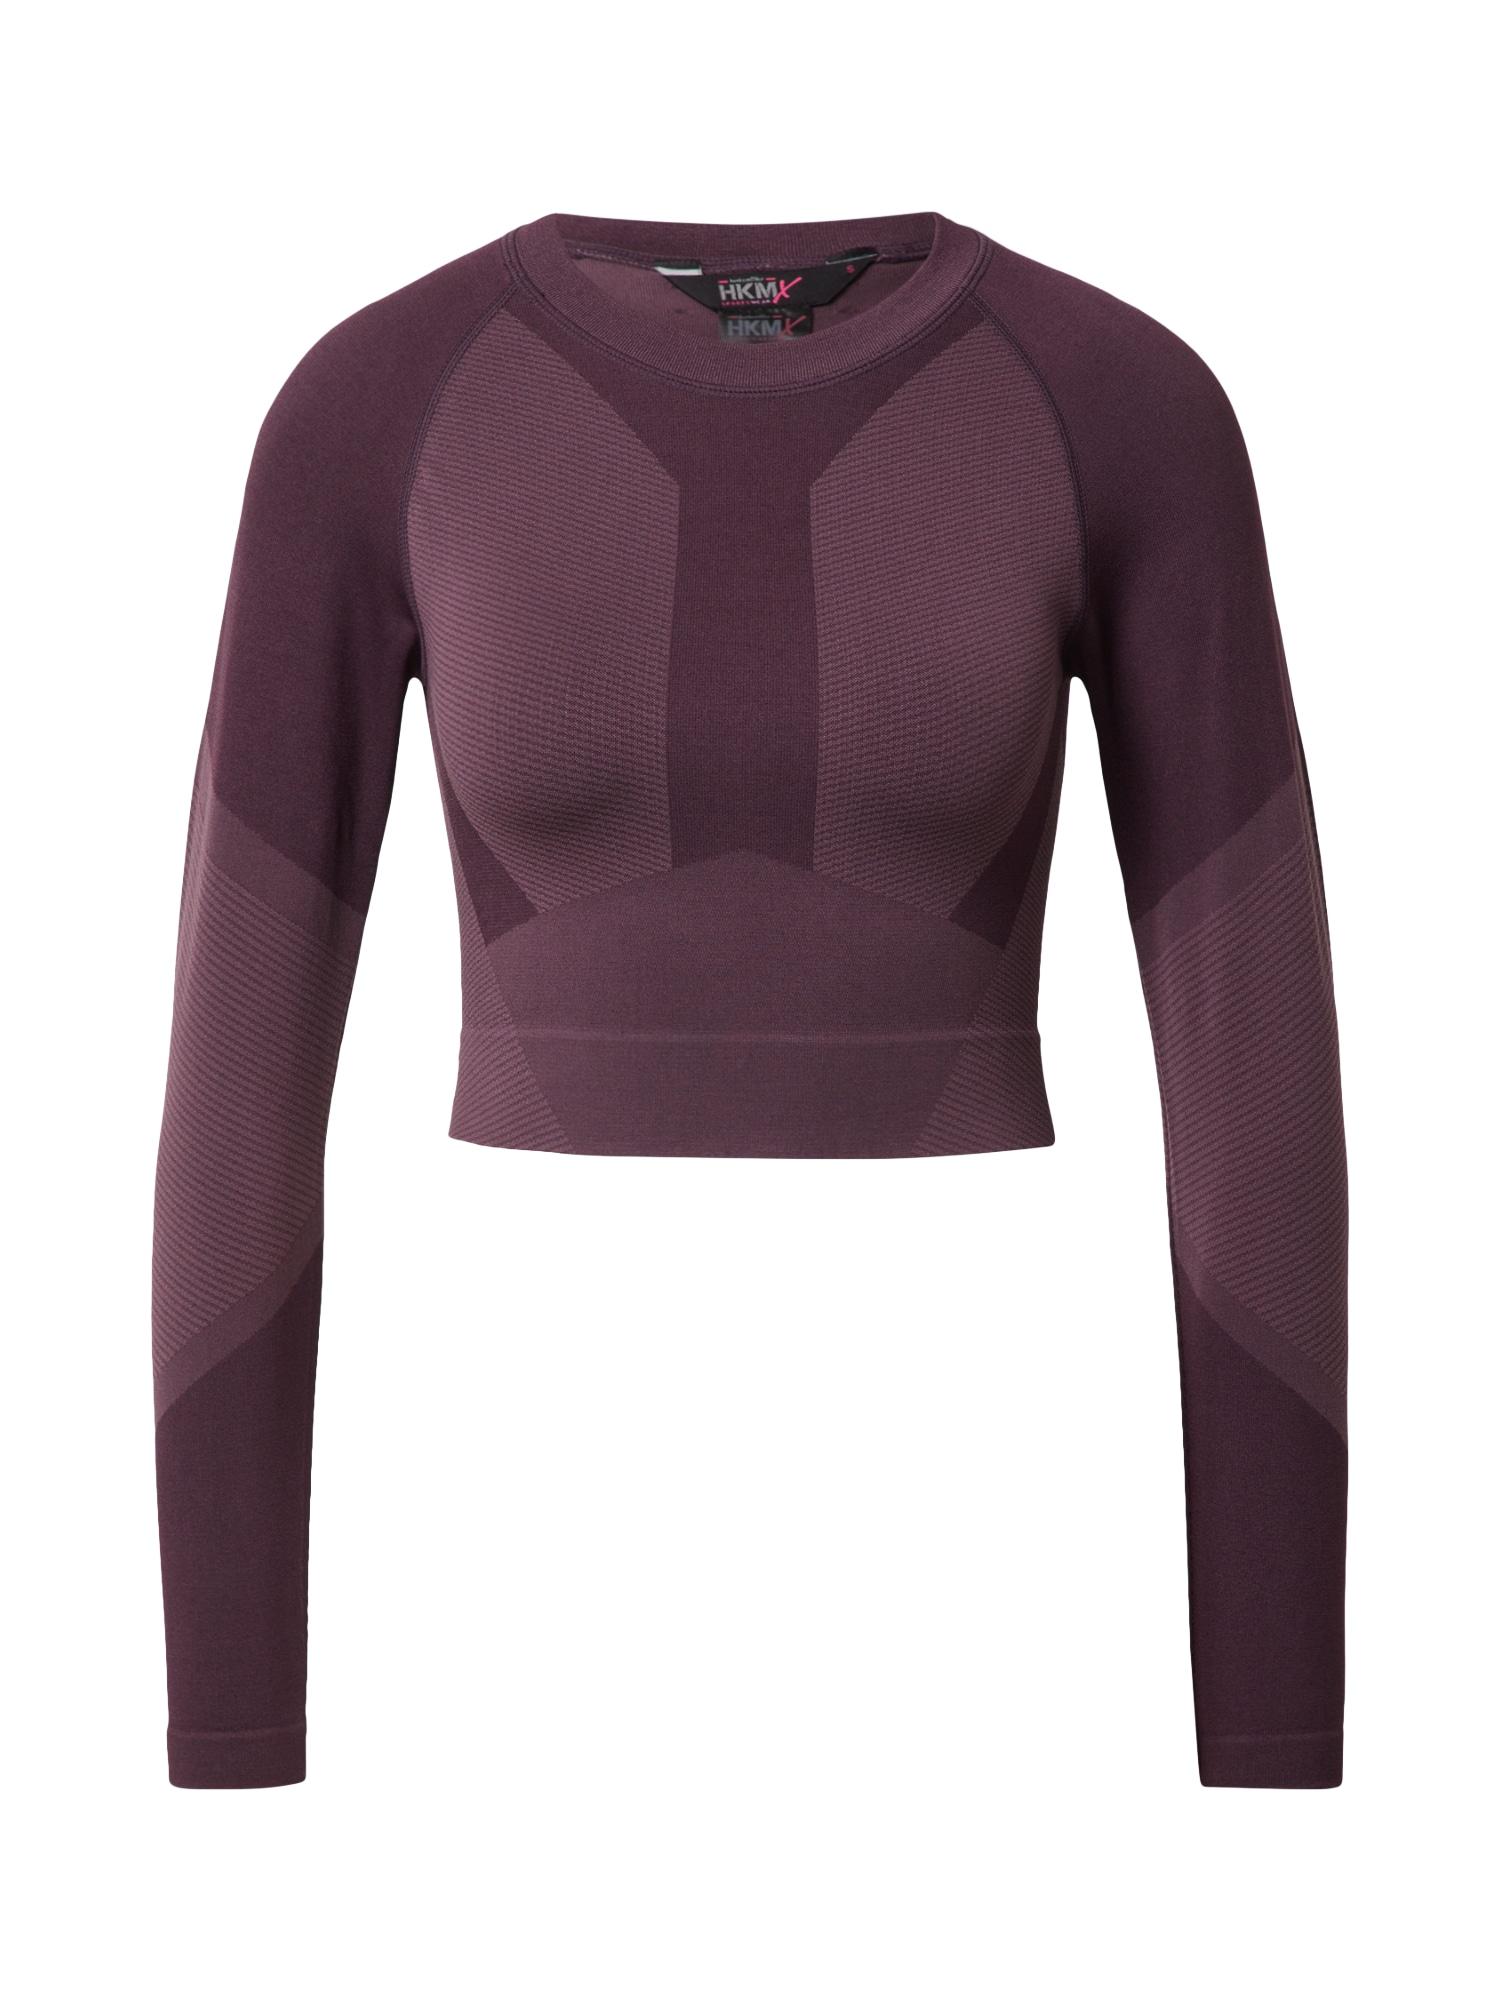 HKMX Sportiniai marškinėliai slyvų spalva / tamsiai violetinė